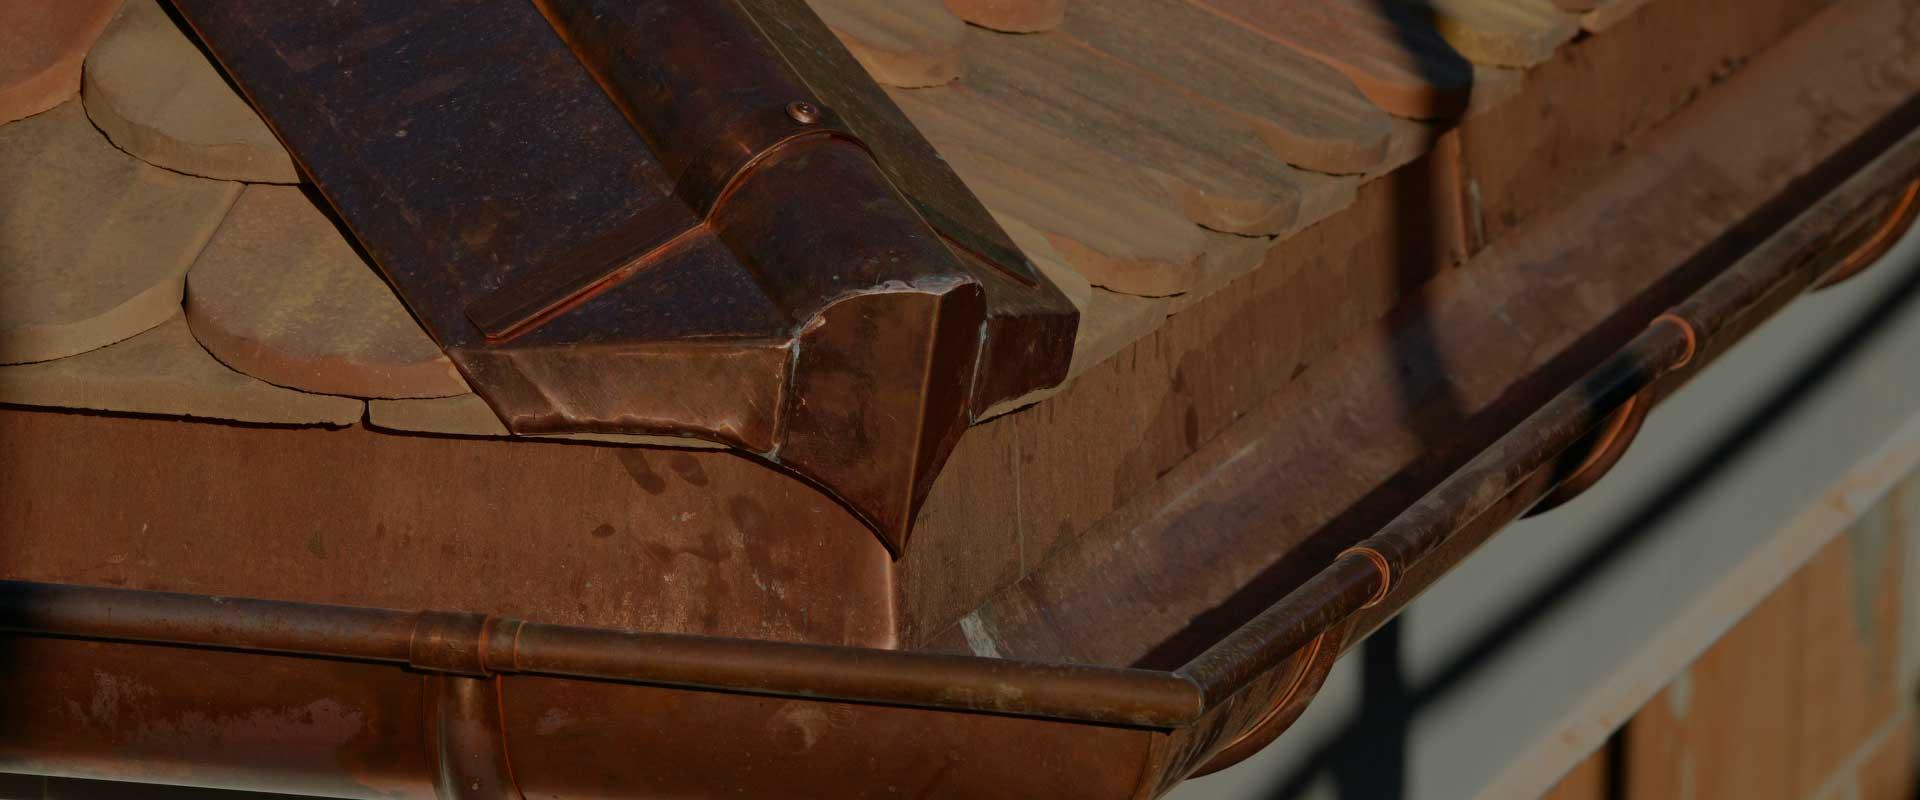 Macullo toiture<br />vu de près…